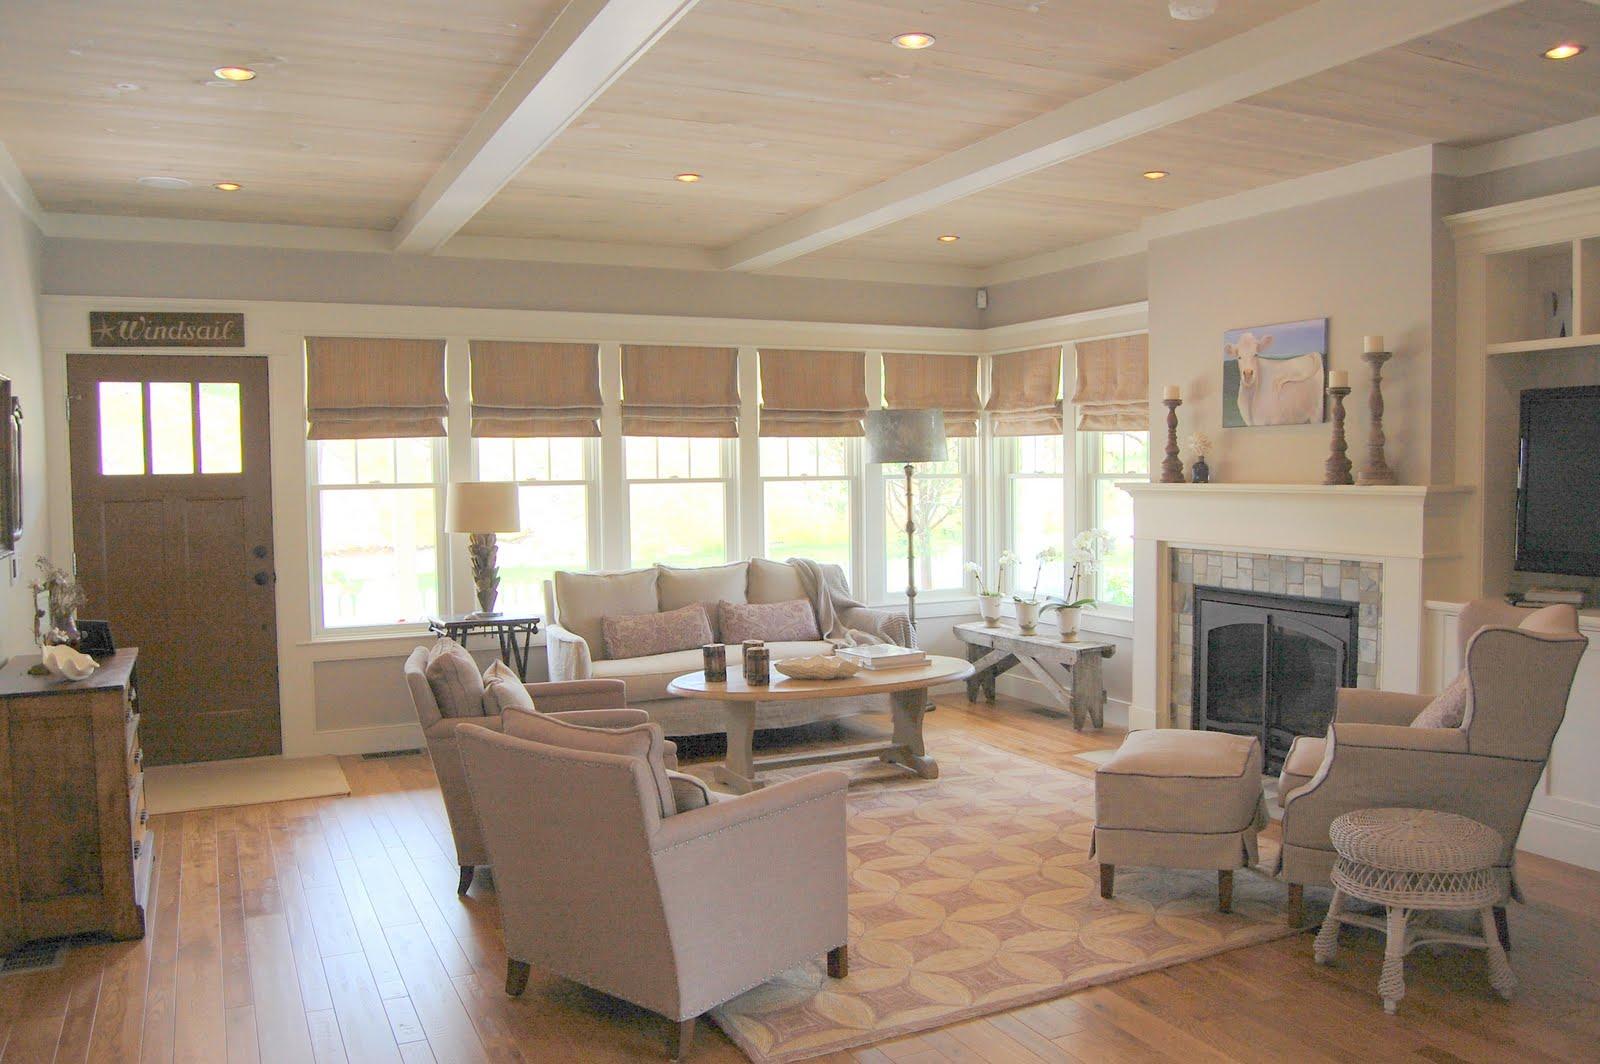 tresor trouve summer cottage model home pinehills. Black Bedroom Furniture Sets. Home Design Ideas